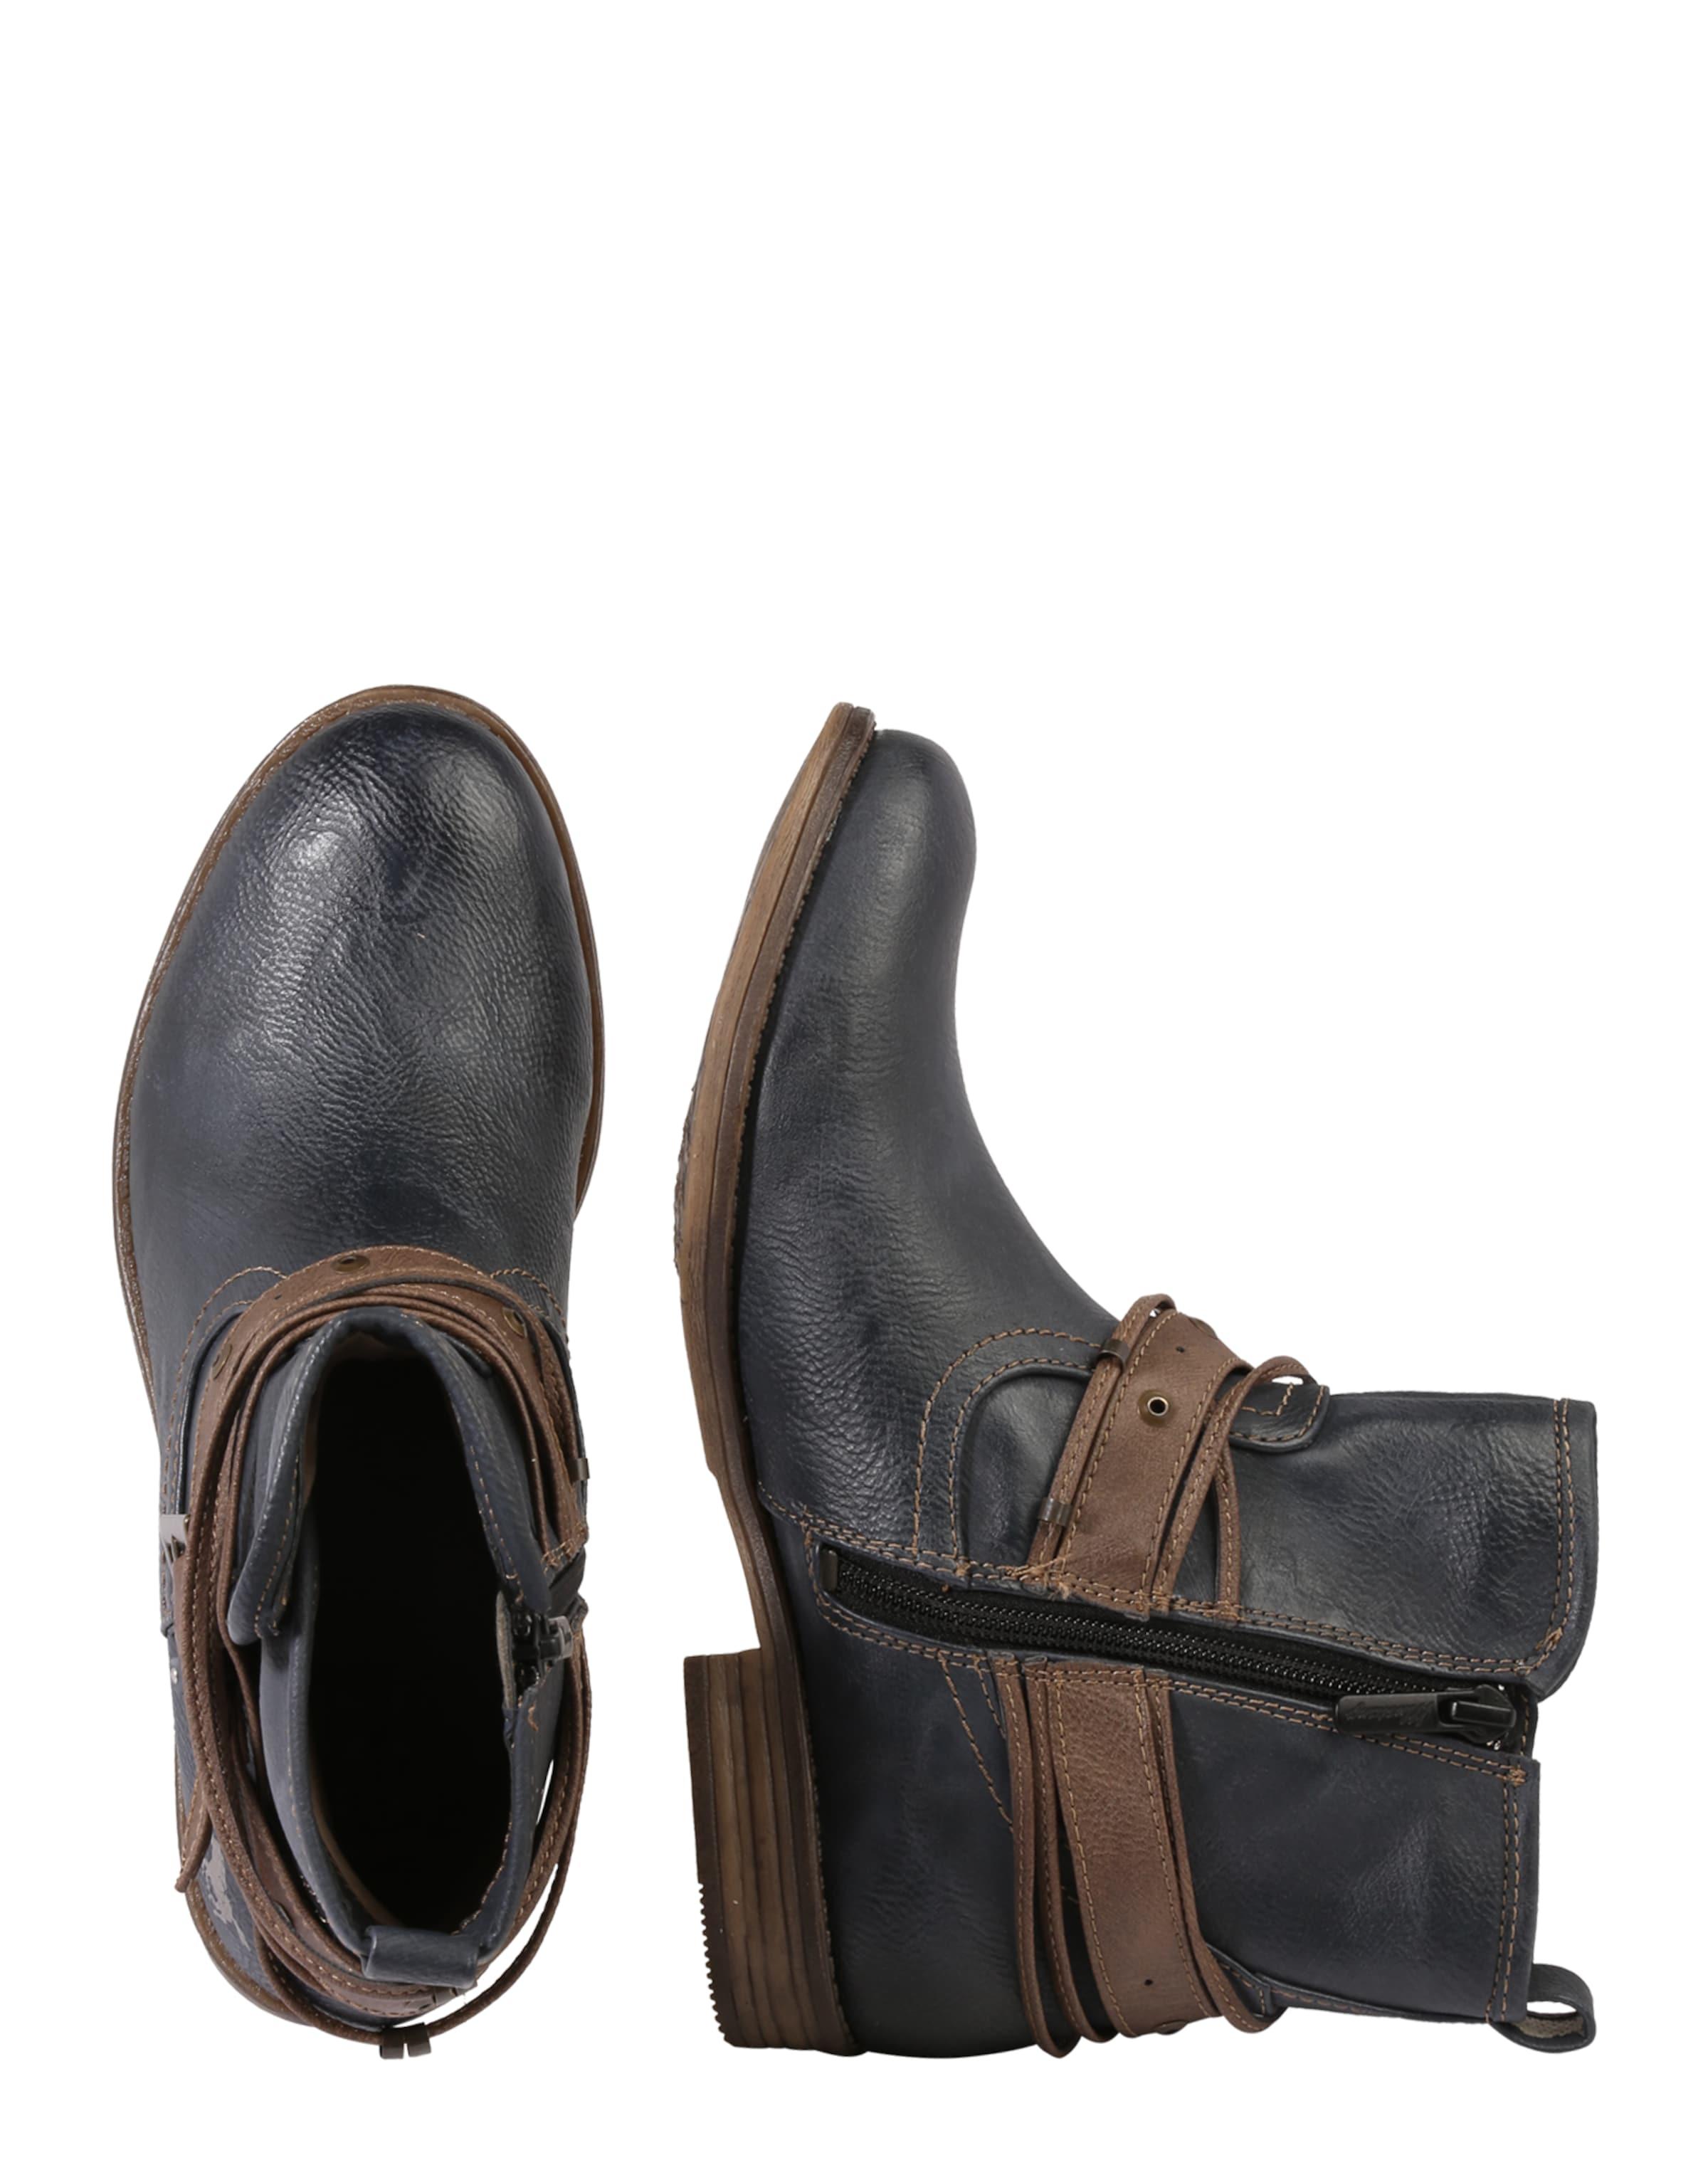 MUSTANG Stiefeletten mit Schnalle Empfehlen Zum Verkauf Auftrag Niedrigster Preis Verkauf Online Kaufen Billig Großhandelspreis QE4GUj6